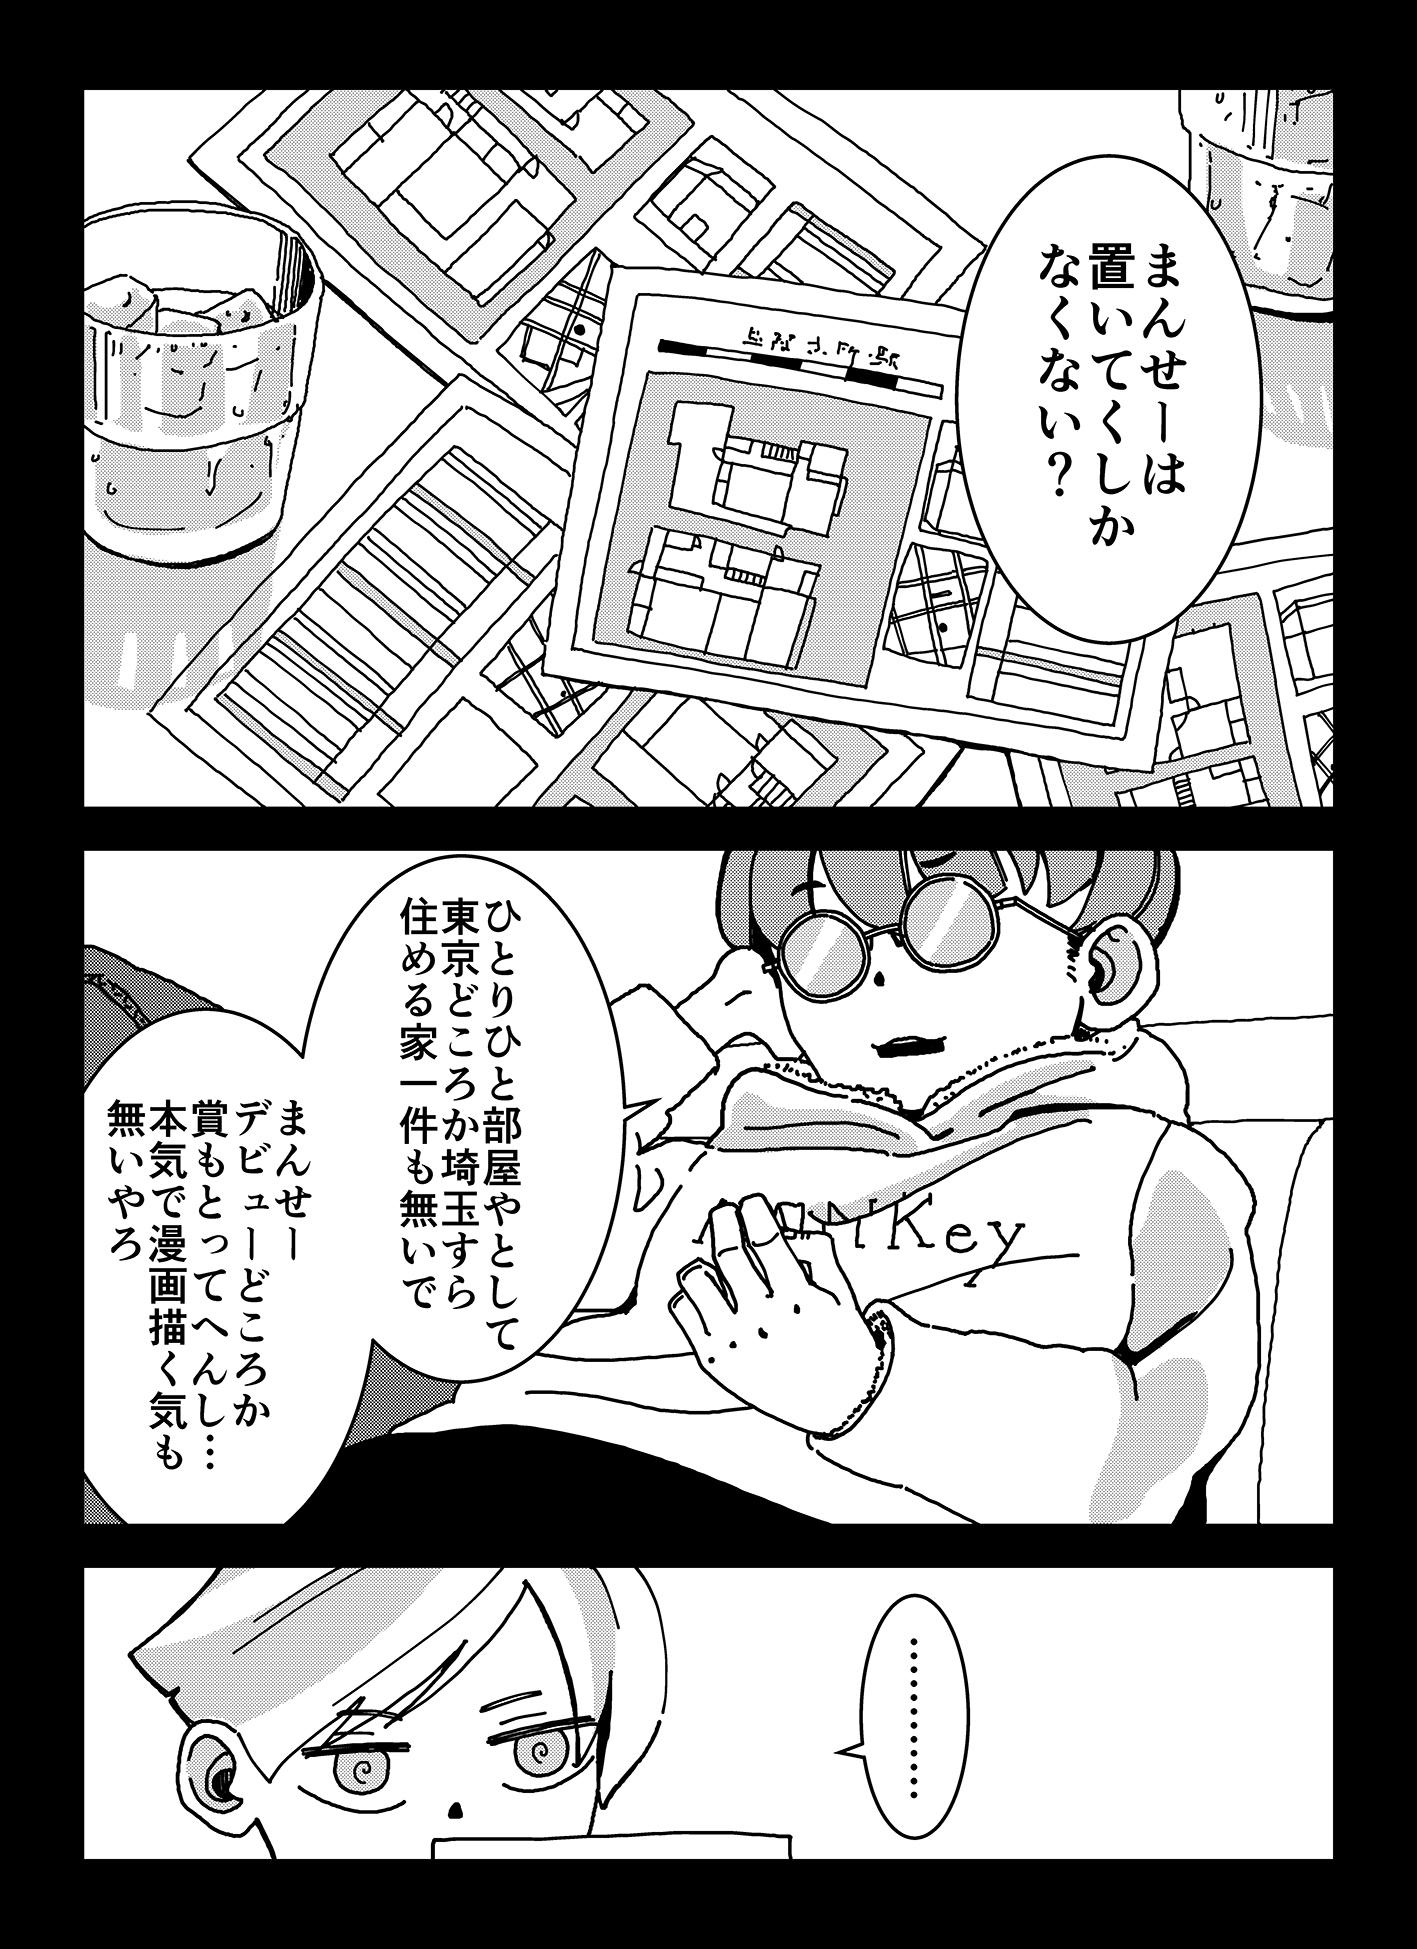 share06_001